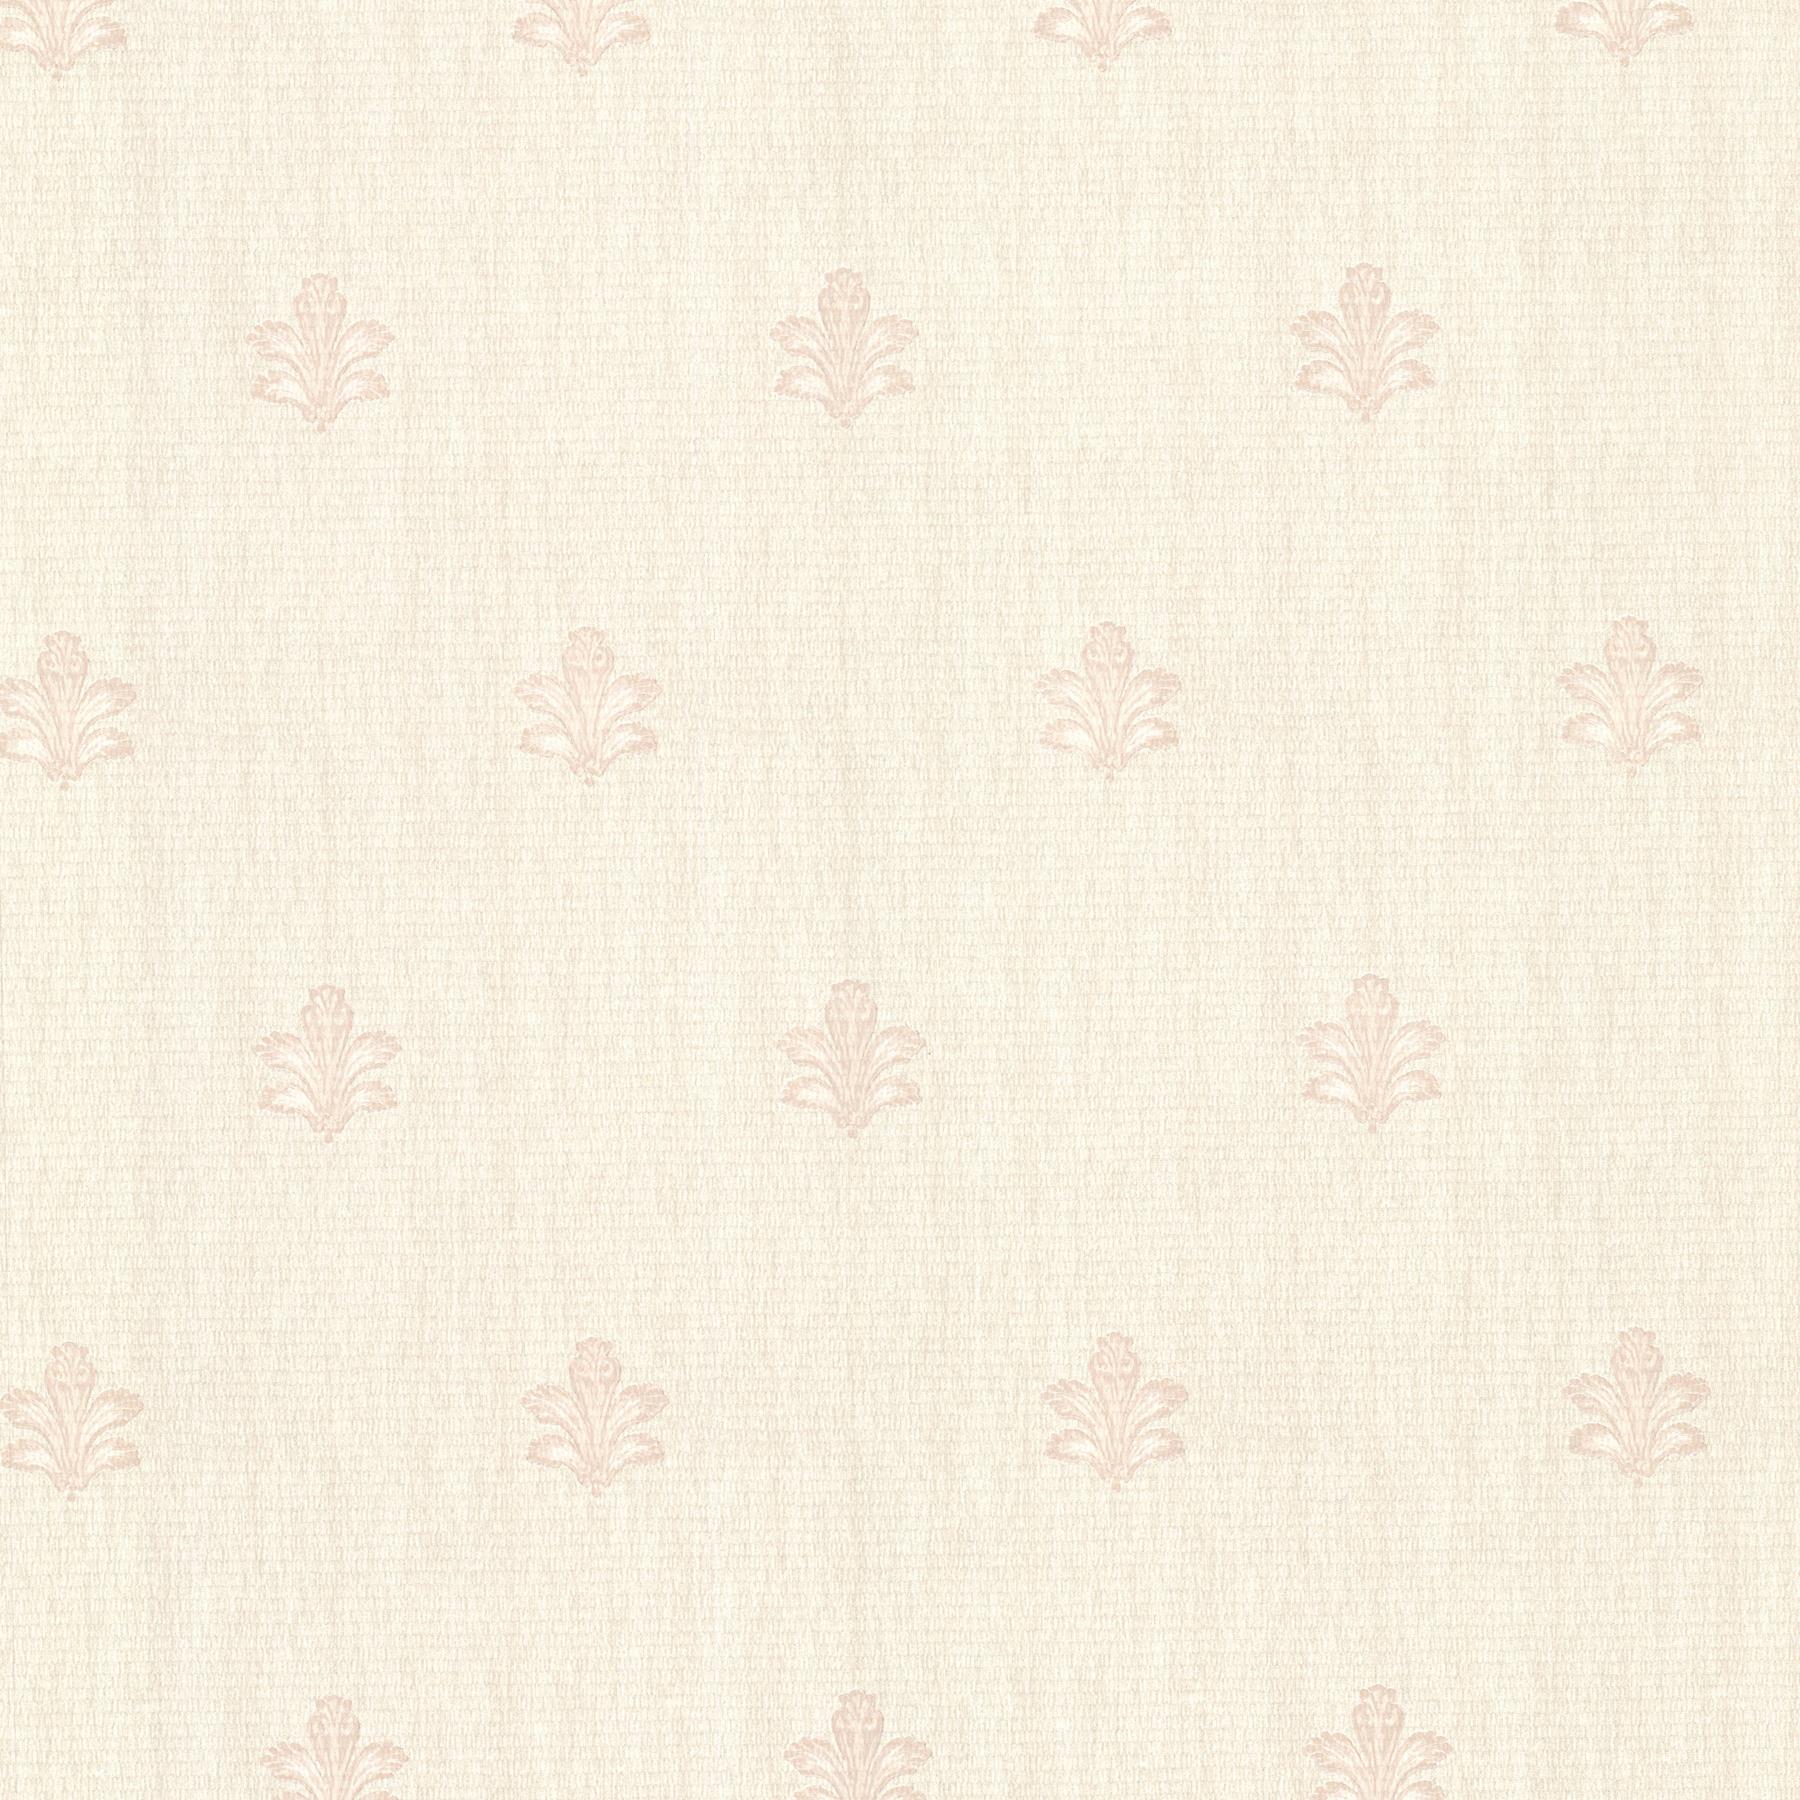 Picture of Bolton Blush Fleur De Lis Wallpaper